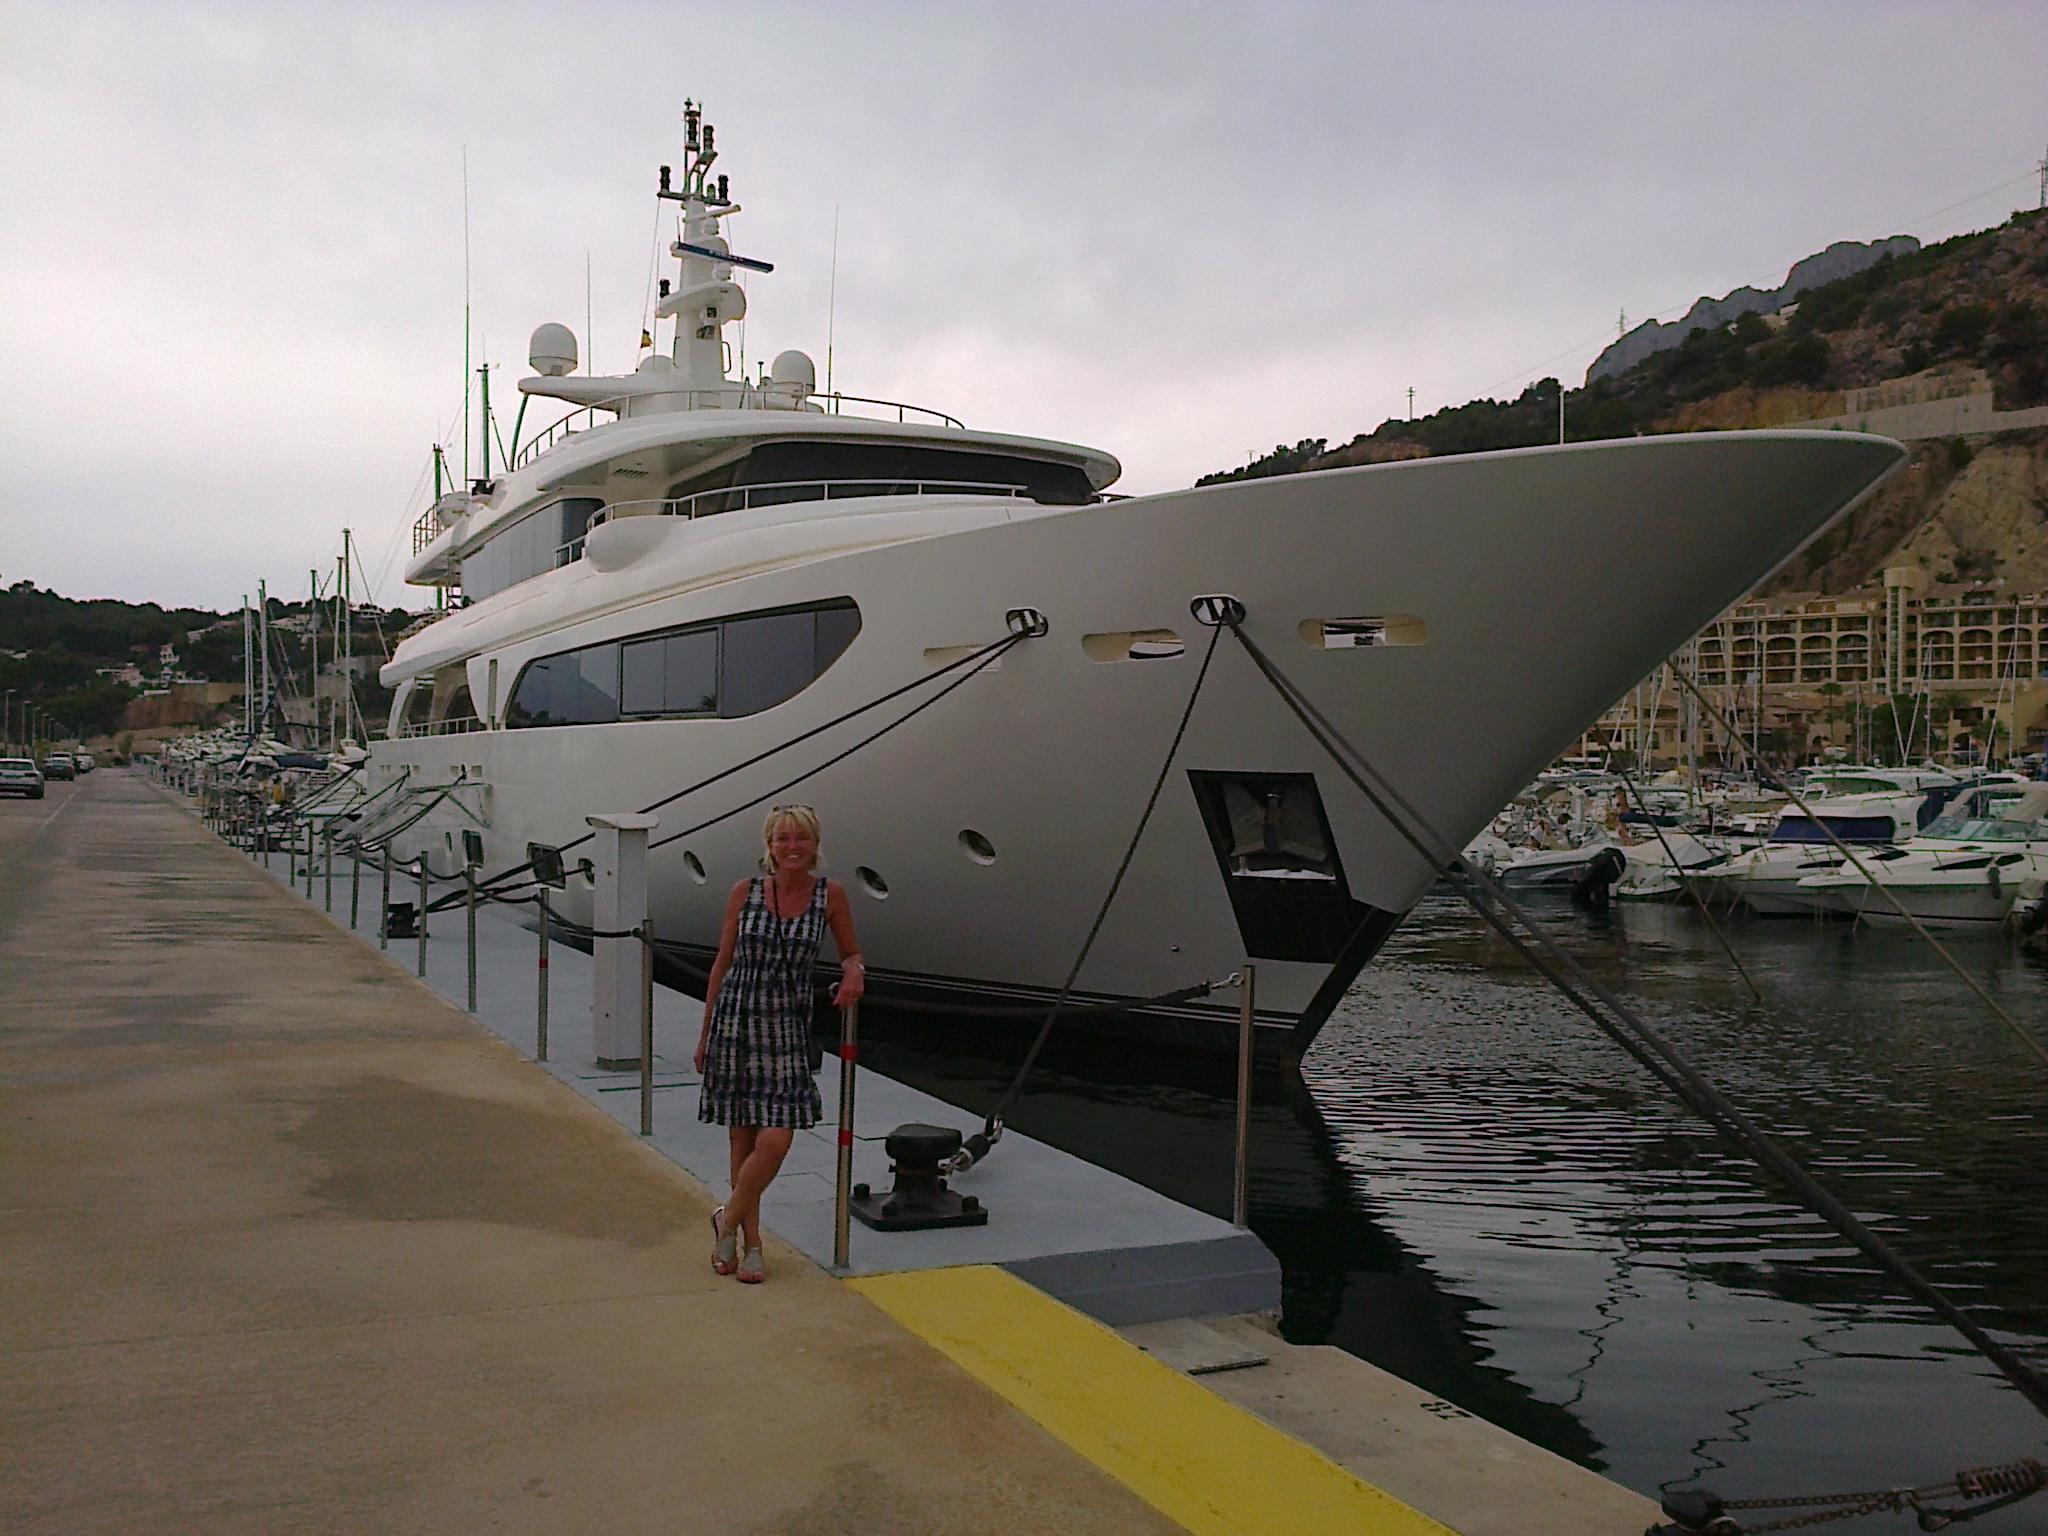 De Rubeccan, het yacht van Jeroen Piqueur, in de Spaanse haven Altea